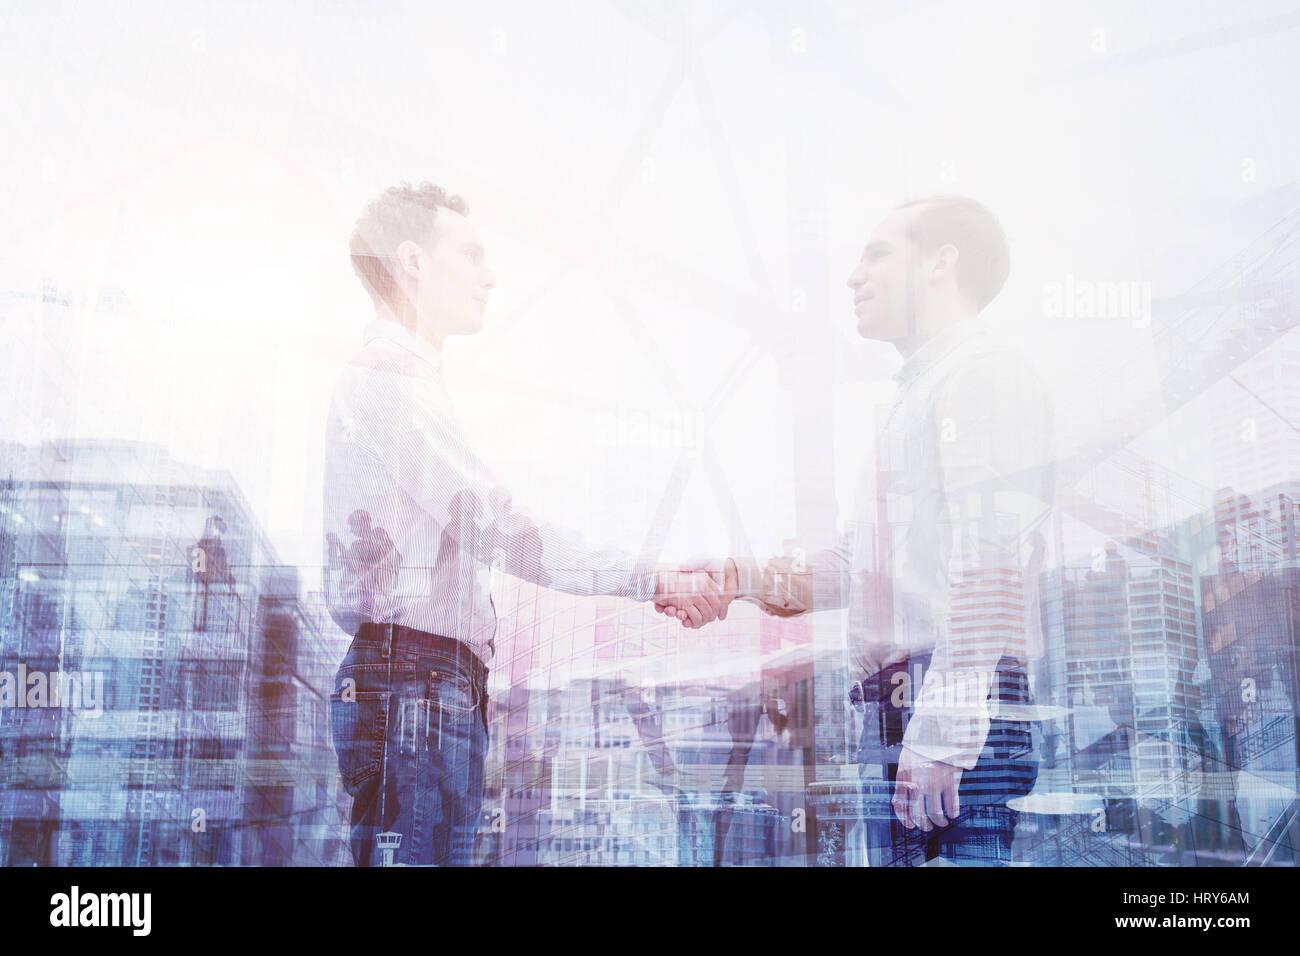 Reparto de las propiedades inmobiliarias, apretón de manos doble exposición, gente de negocios concepto Imagen De Stock